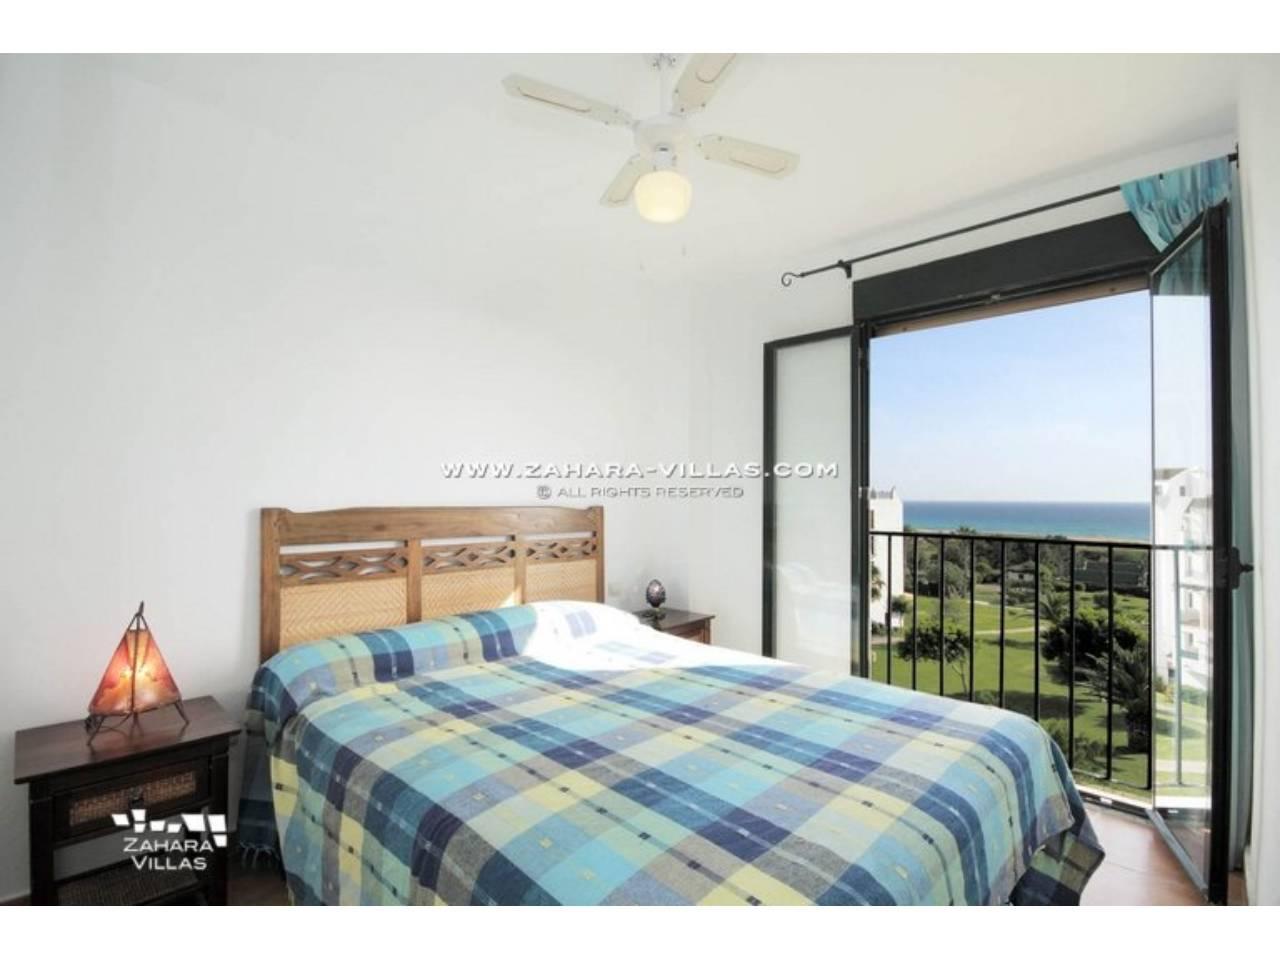 Imagen 5 de Magnifico Atico 4 dormitorios, 2 baños con plaza de garaje